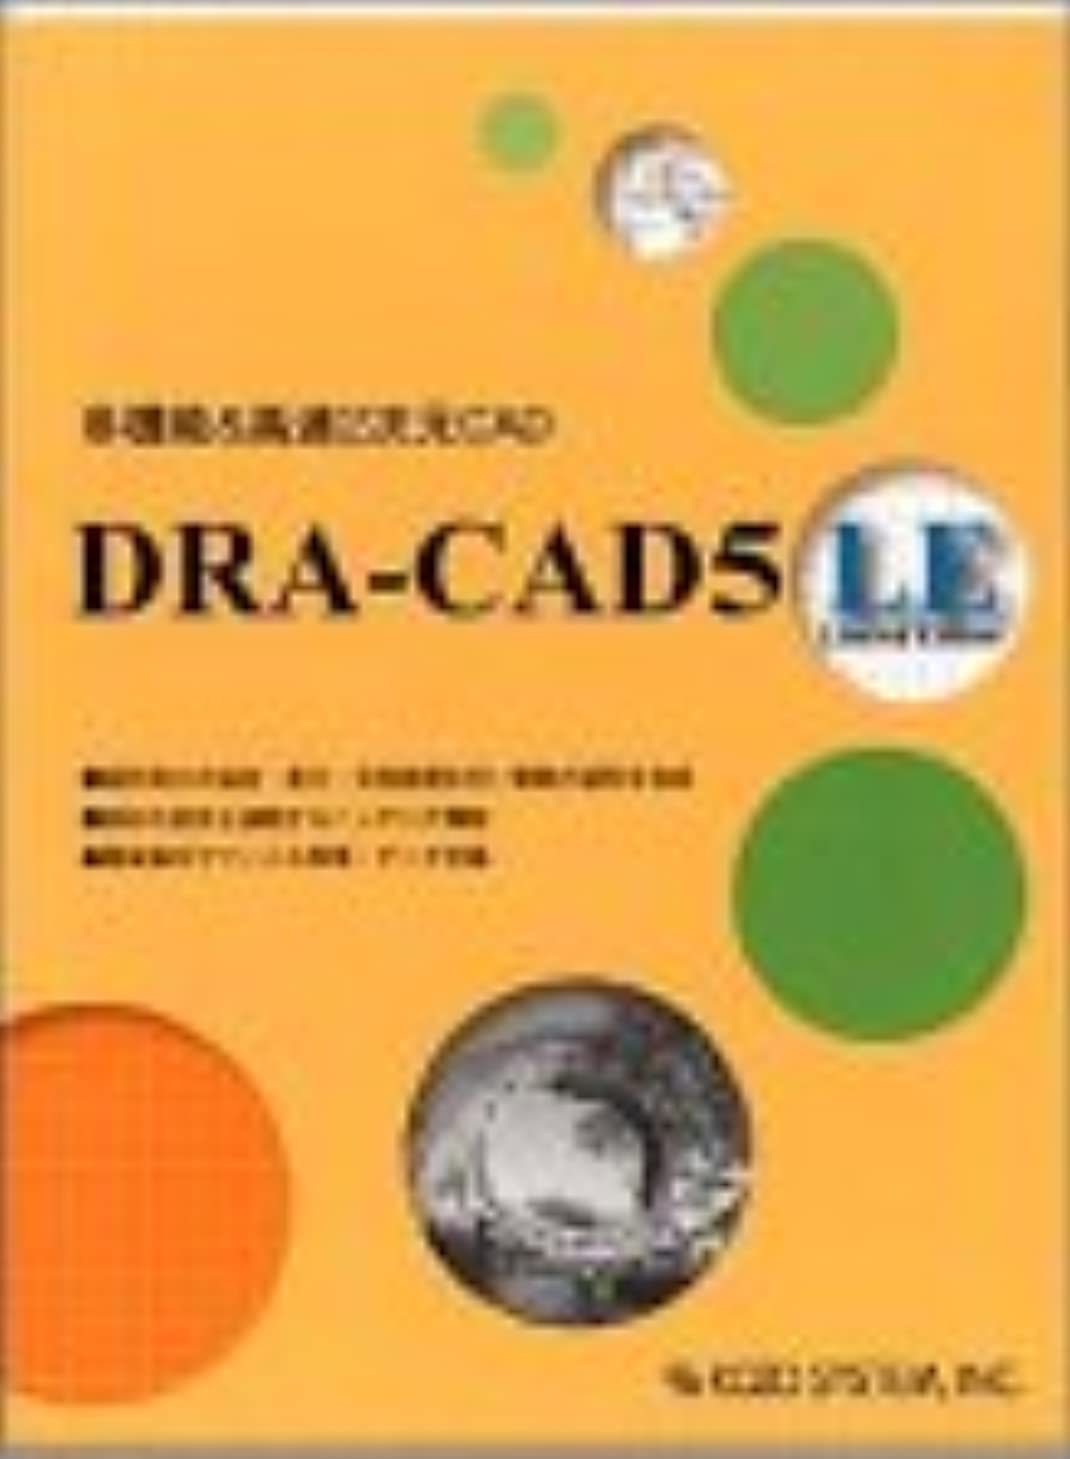 ワイン単にロケーションDRA-CAD 5 LE